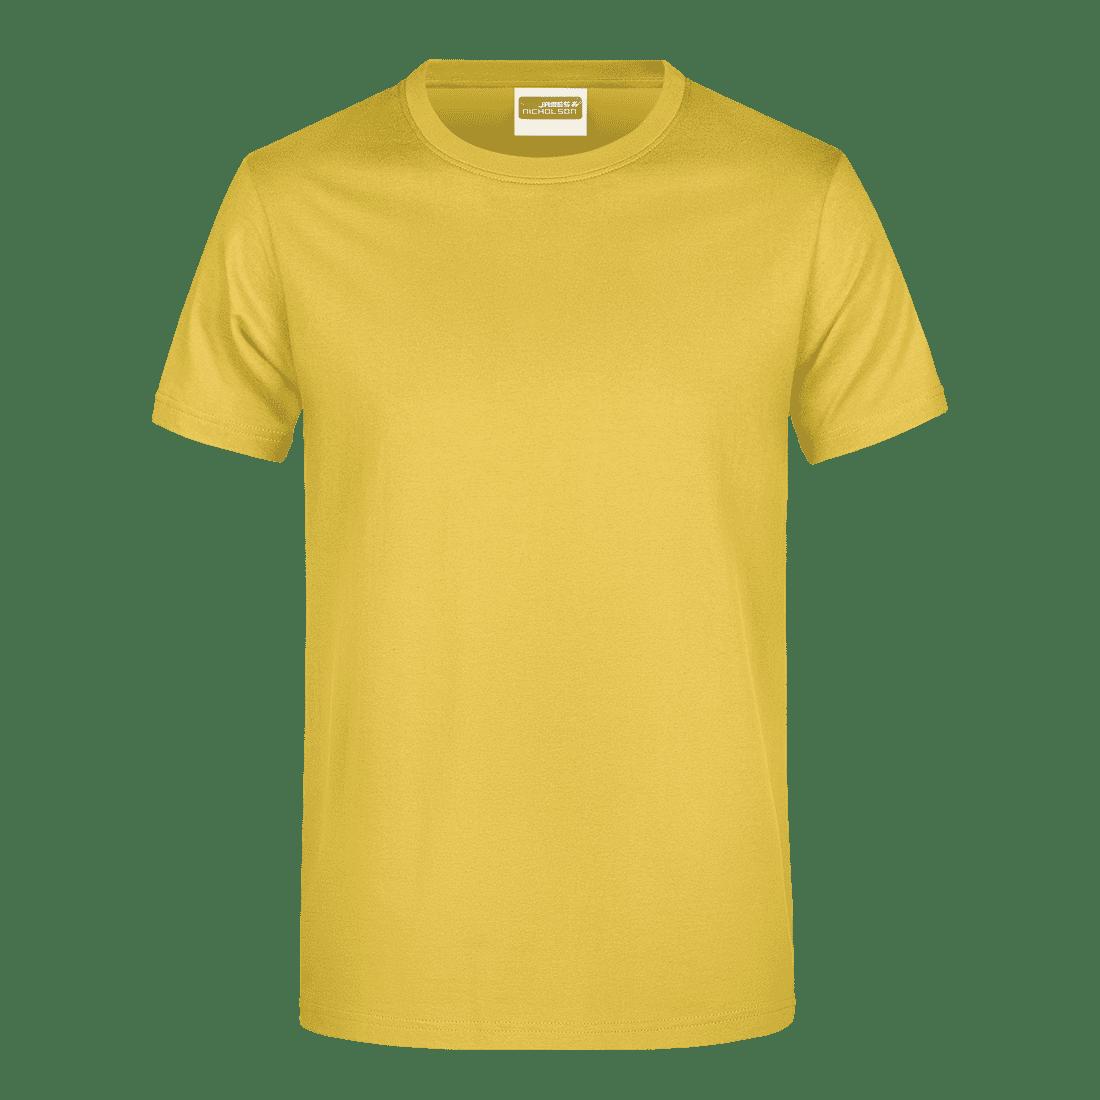 Full Size of Standard T Man 180 Shirt Buddiesde Coole T Shirt Sprüche Junggesellinnenabschied Bettwäsche Lustige Junggesellenabschied Wandsprüche Wandtattoo Betten Küche Coole T Shirt Sprüche